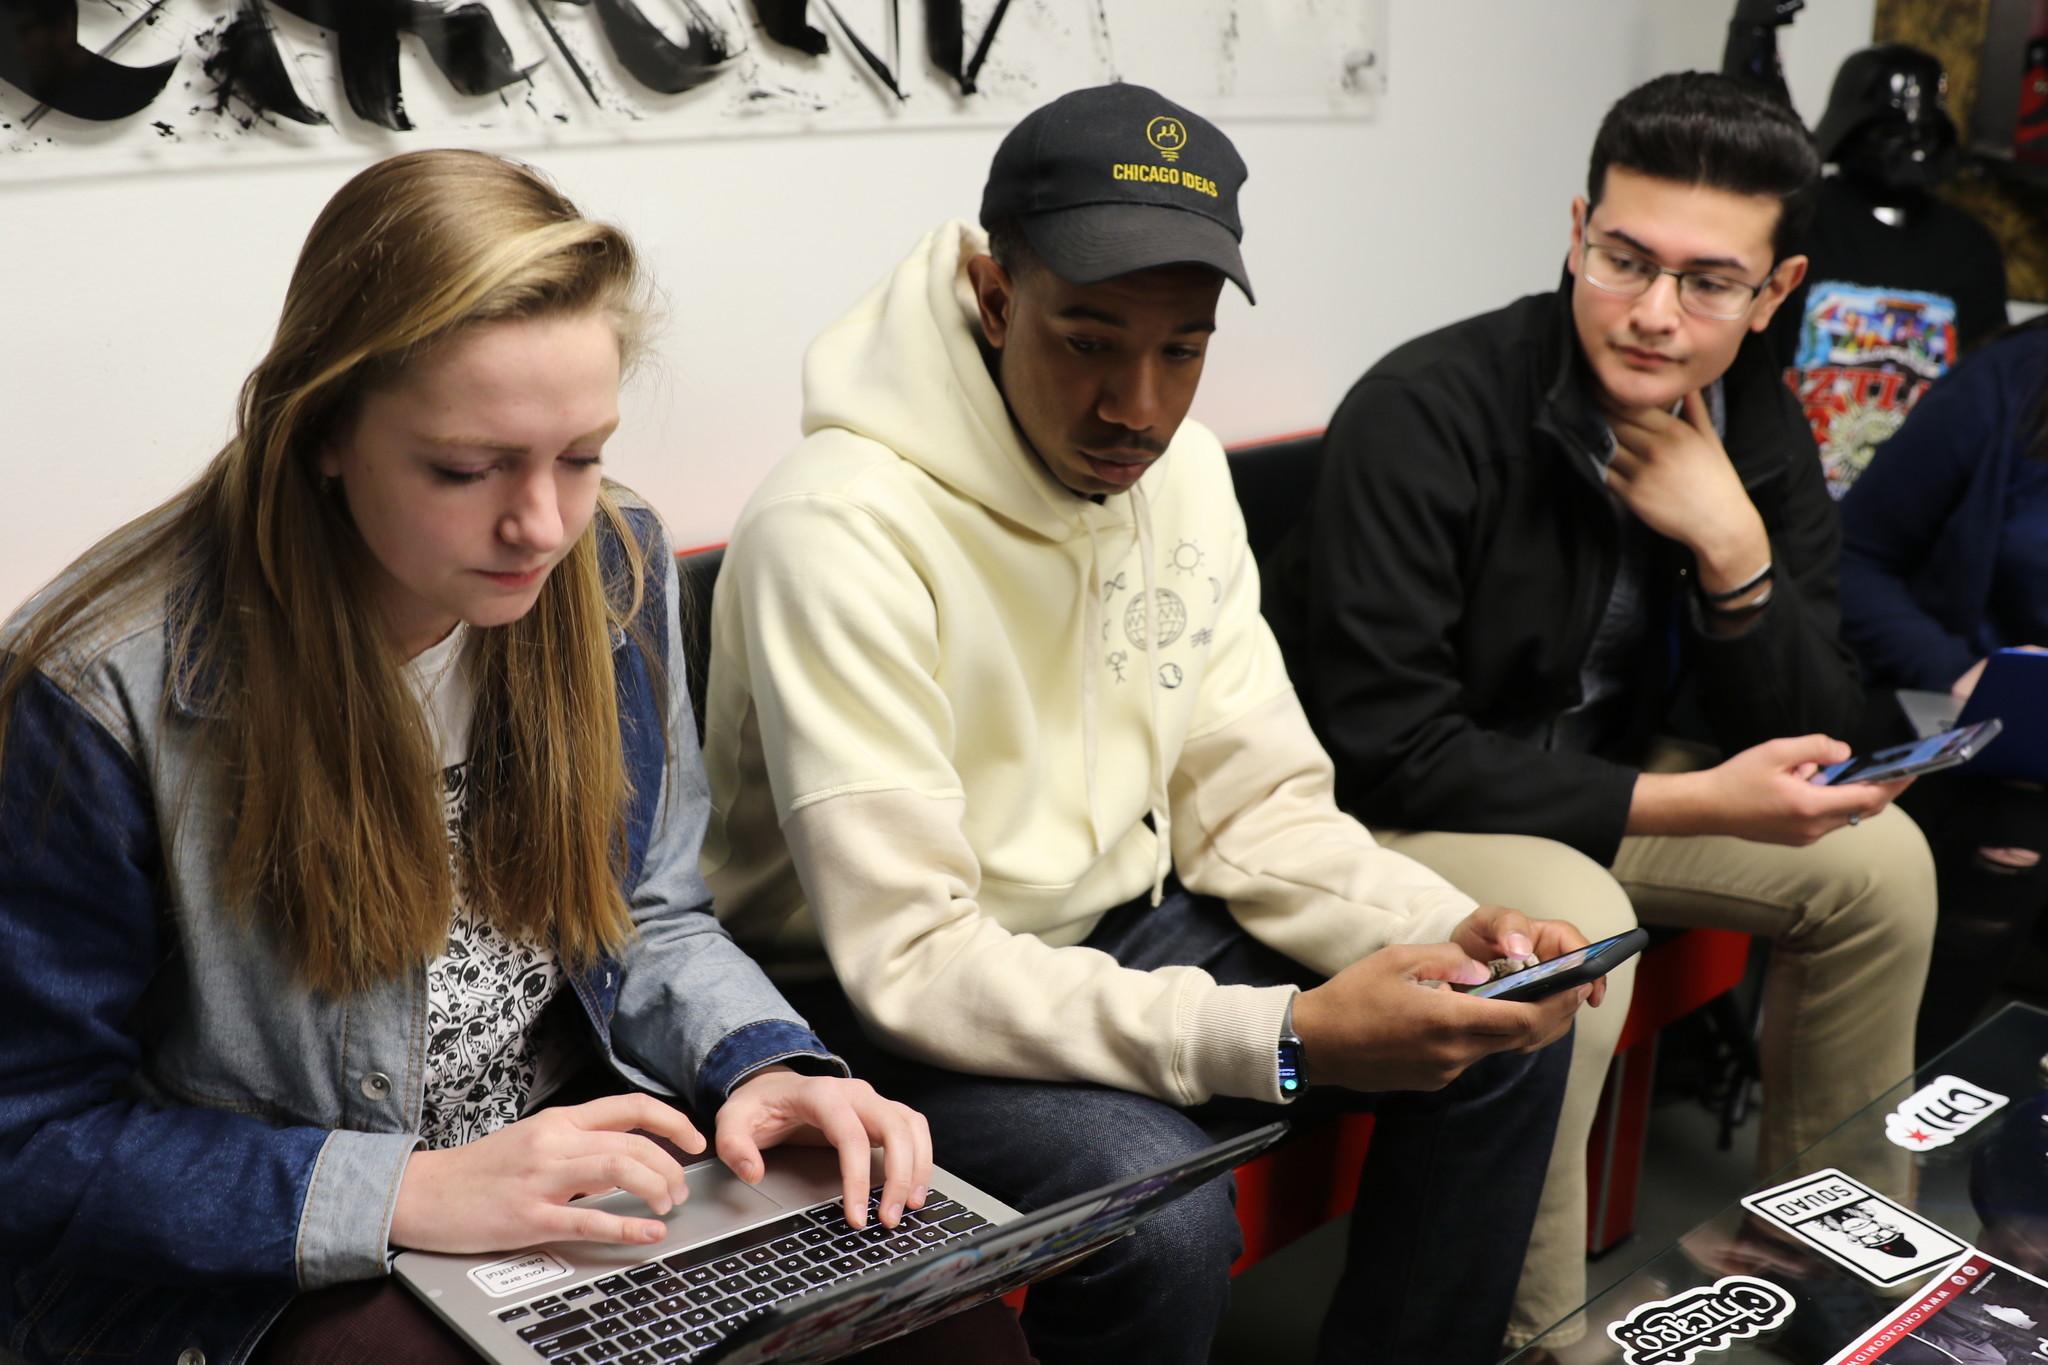 Ct-hoy-estudiantes-de-secundaria-en-chicago-emprenden-un-movimiento-para-que-sus-companeros-salgan-a-votar-20180309